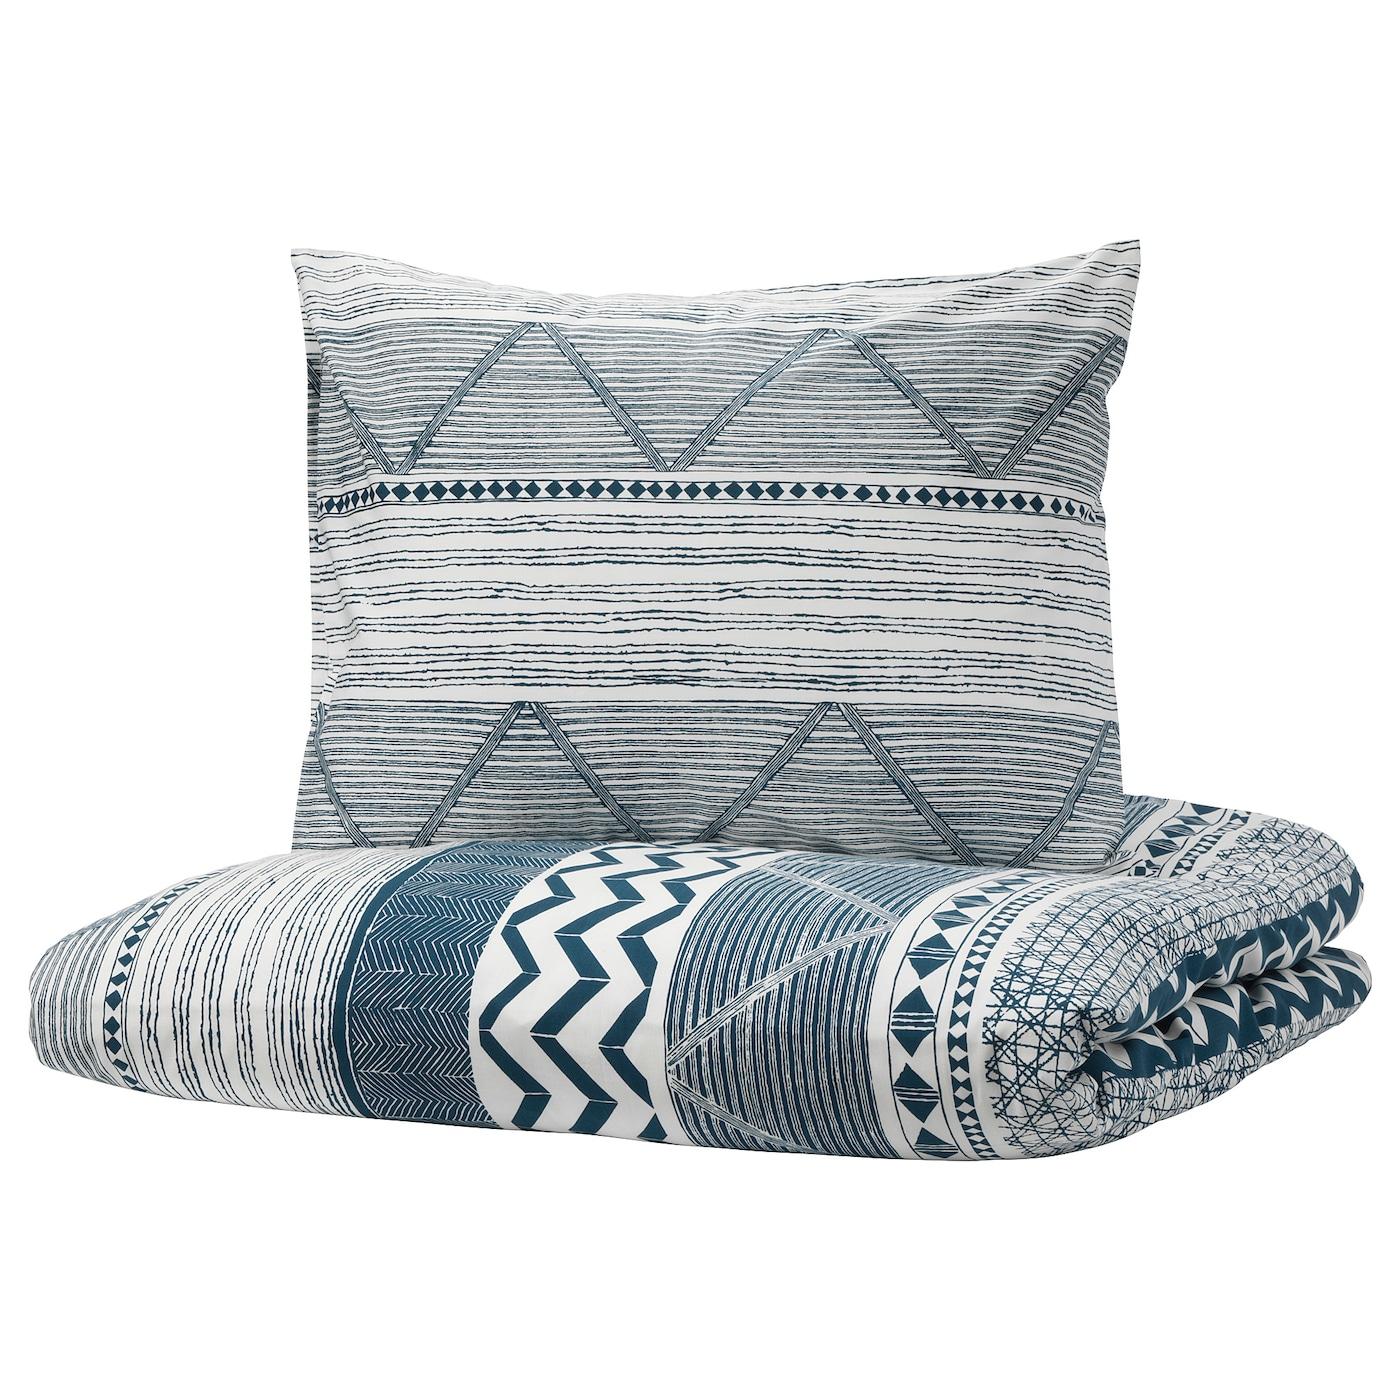 provinsros housse de couette et 2 taies blanc bleu 240 x 220 50 x 60 cm ikea. Black Bedroom Furniture Sets. Home Design Ideas